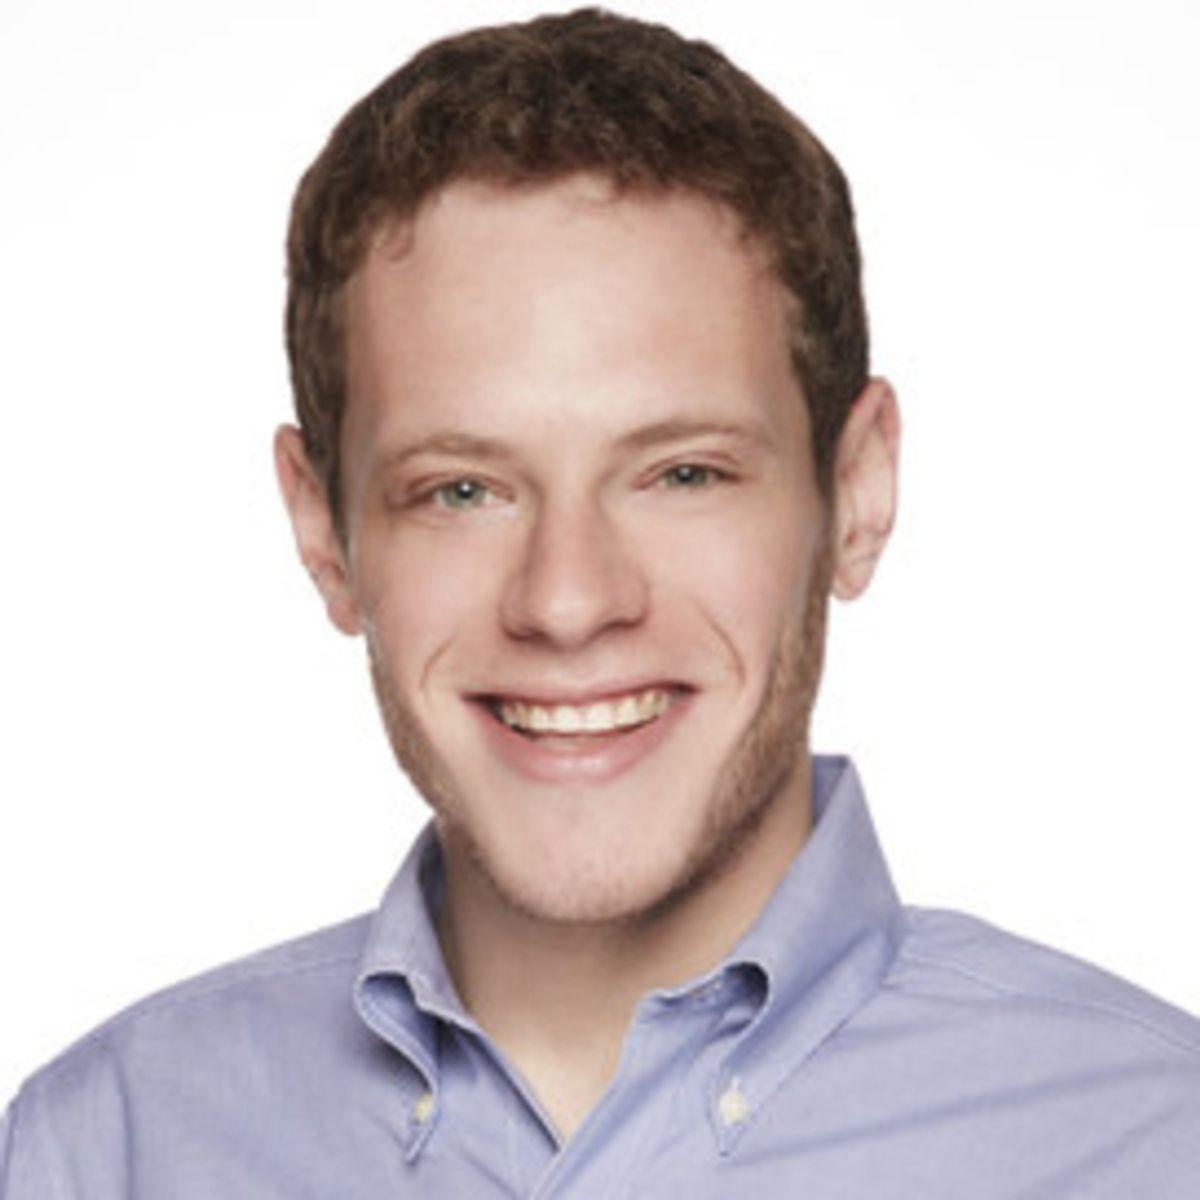 Photo of Jordan Windmueller, Associate at Bessemer Venture Partners